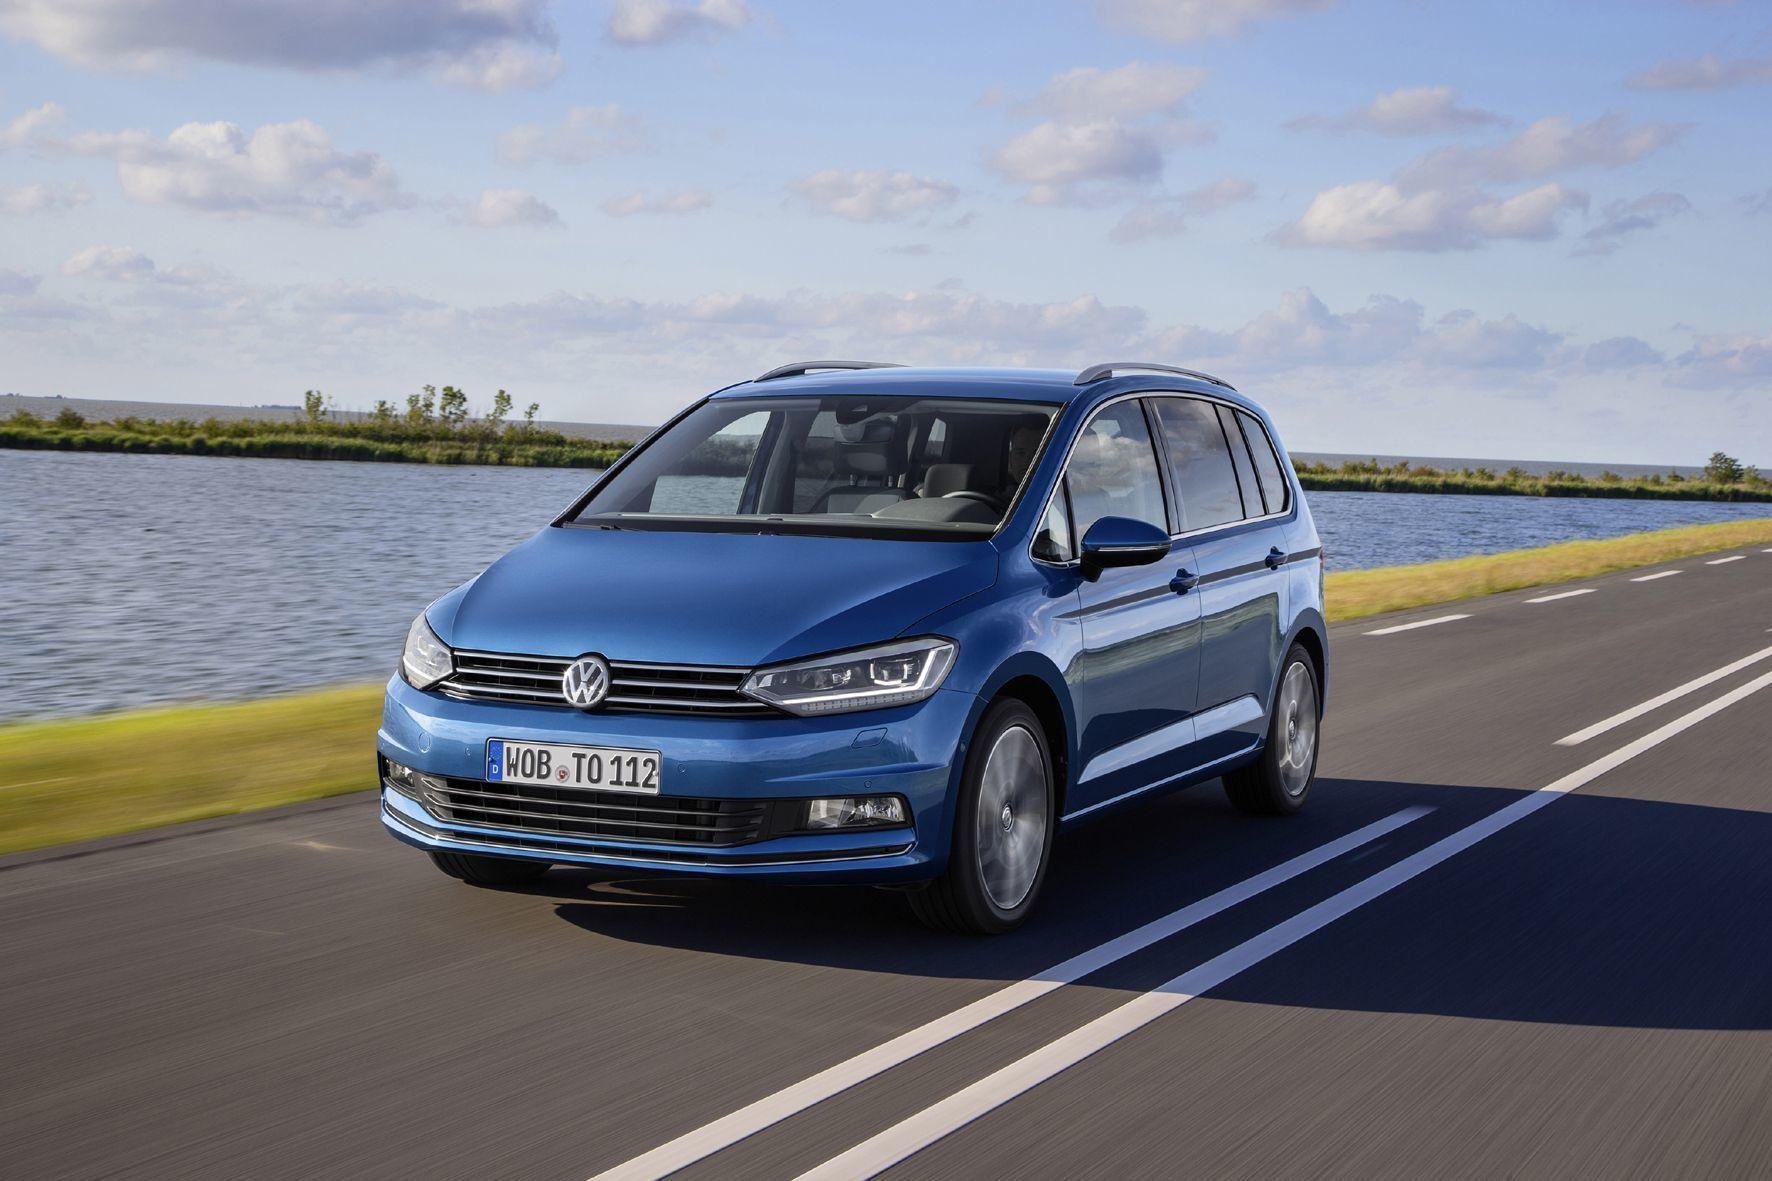 mid Groß-Gerau - In Deutschland müssen rund 93.000 VW Golf, Touran (Foto, Tiguan und Passat zum Software-Update.